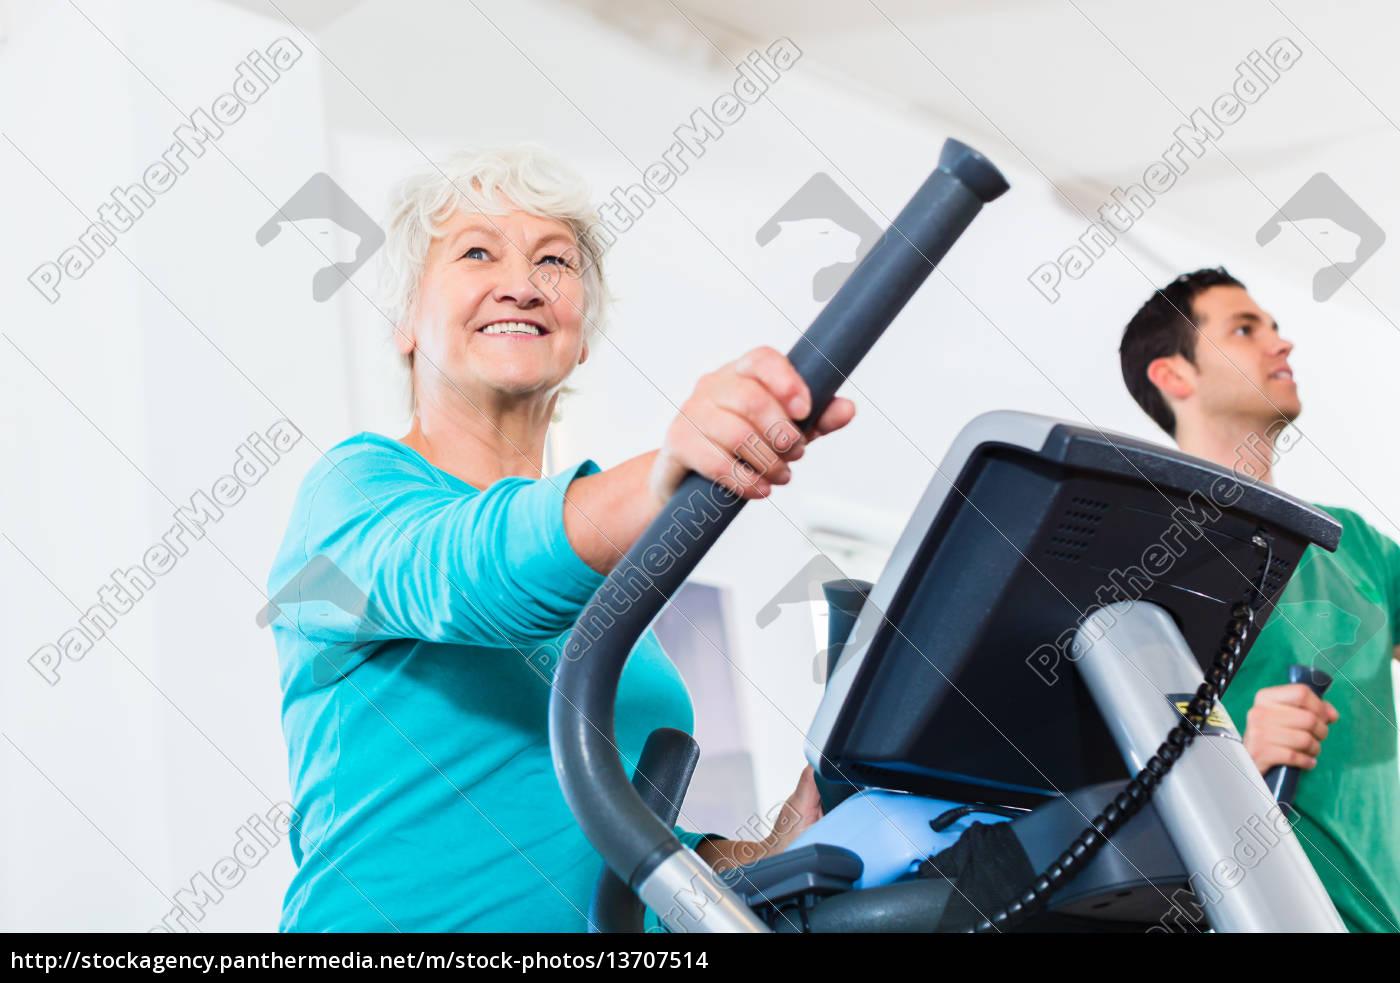 senior, on, eliptical, trainer, makes, sport - 13707514